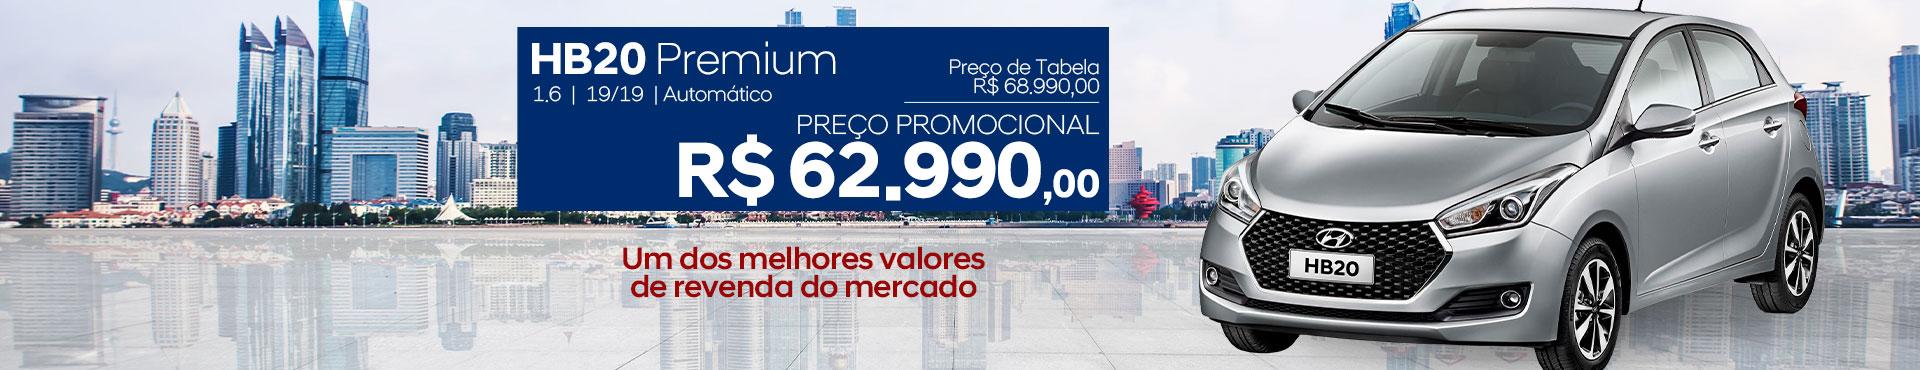 HB20 Premium c/ Bancos de couro